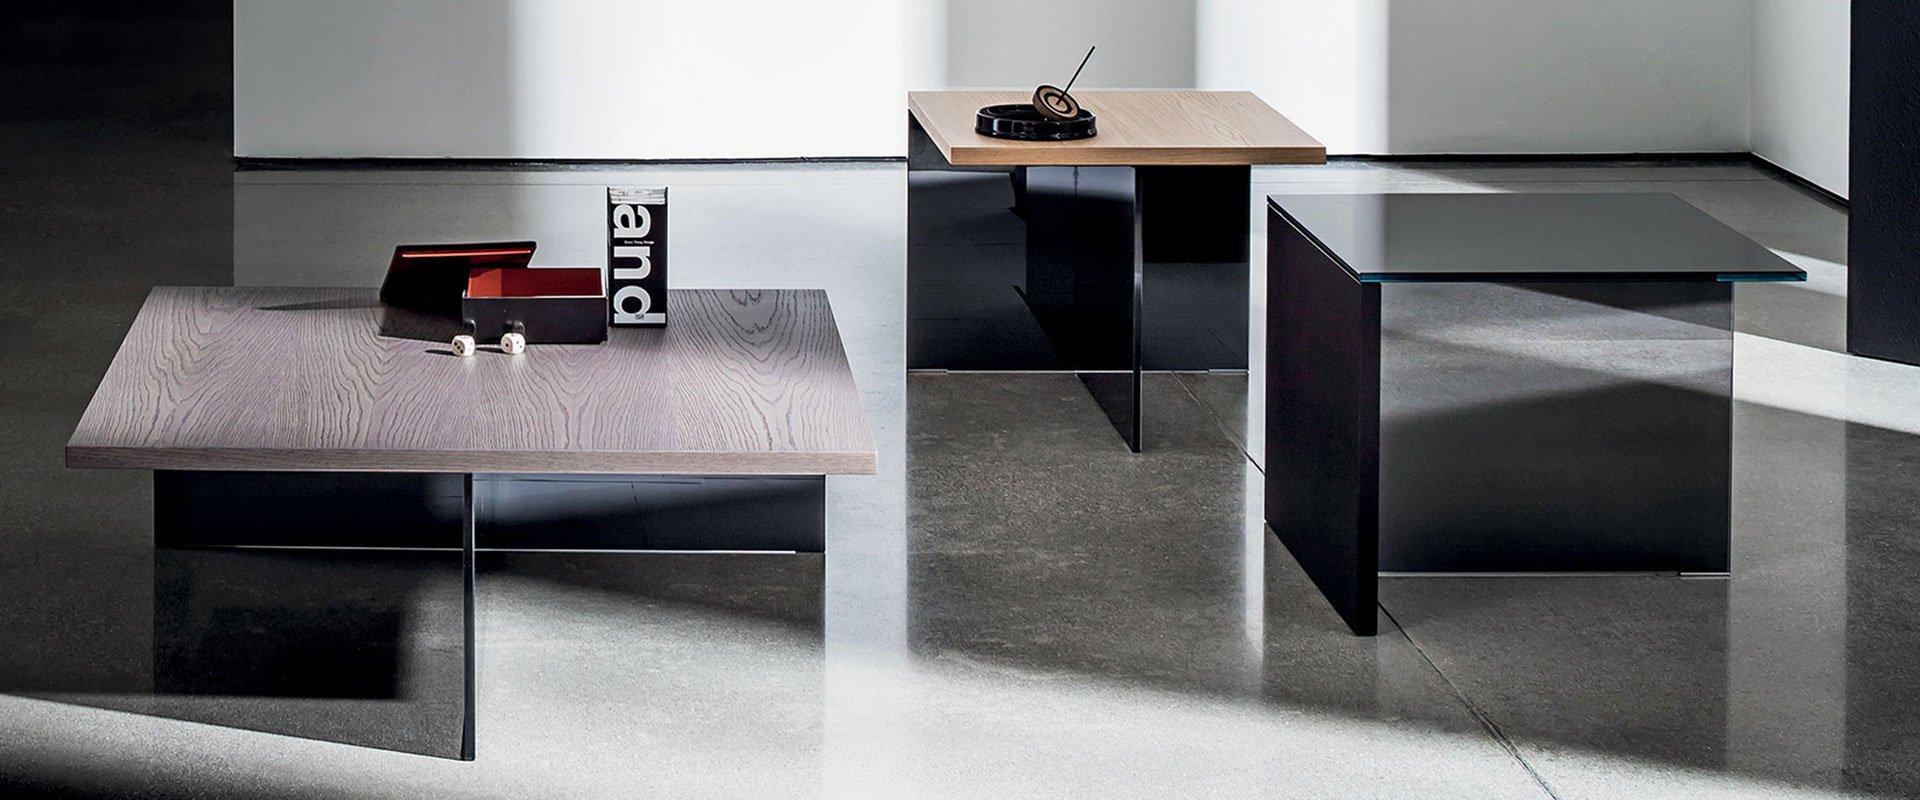 sovet italia glass furniture